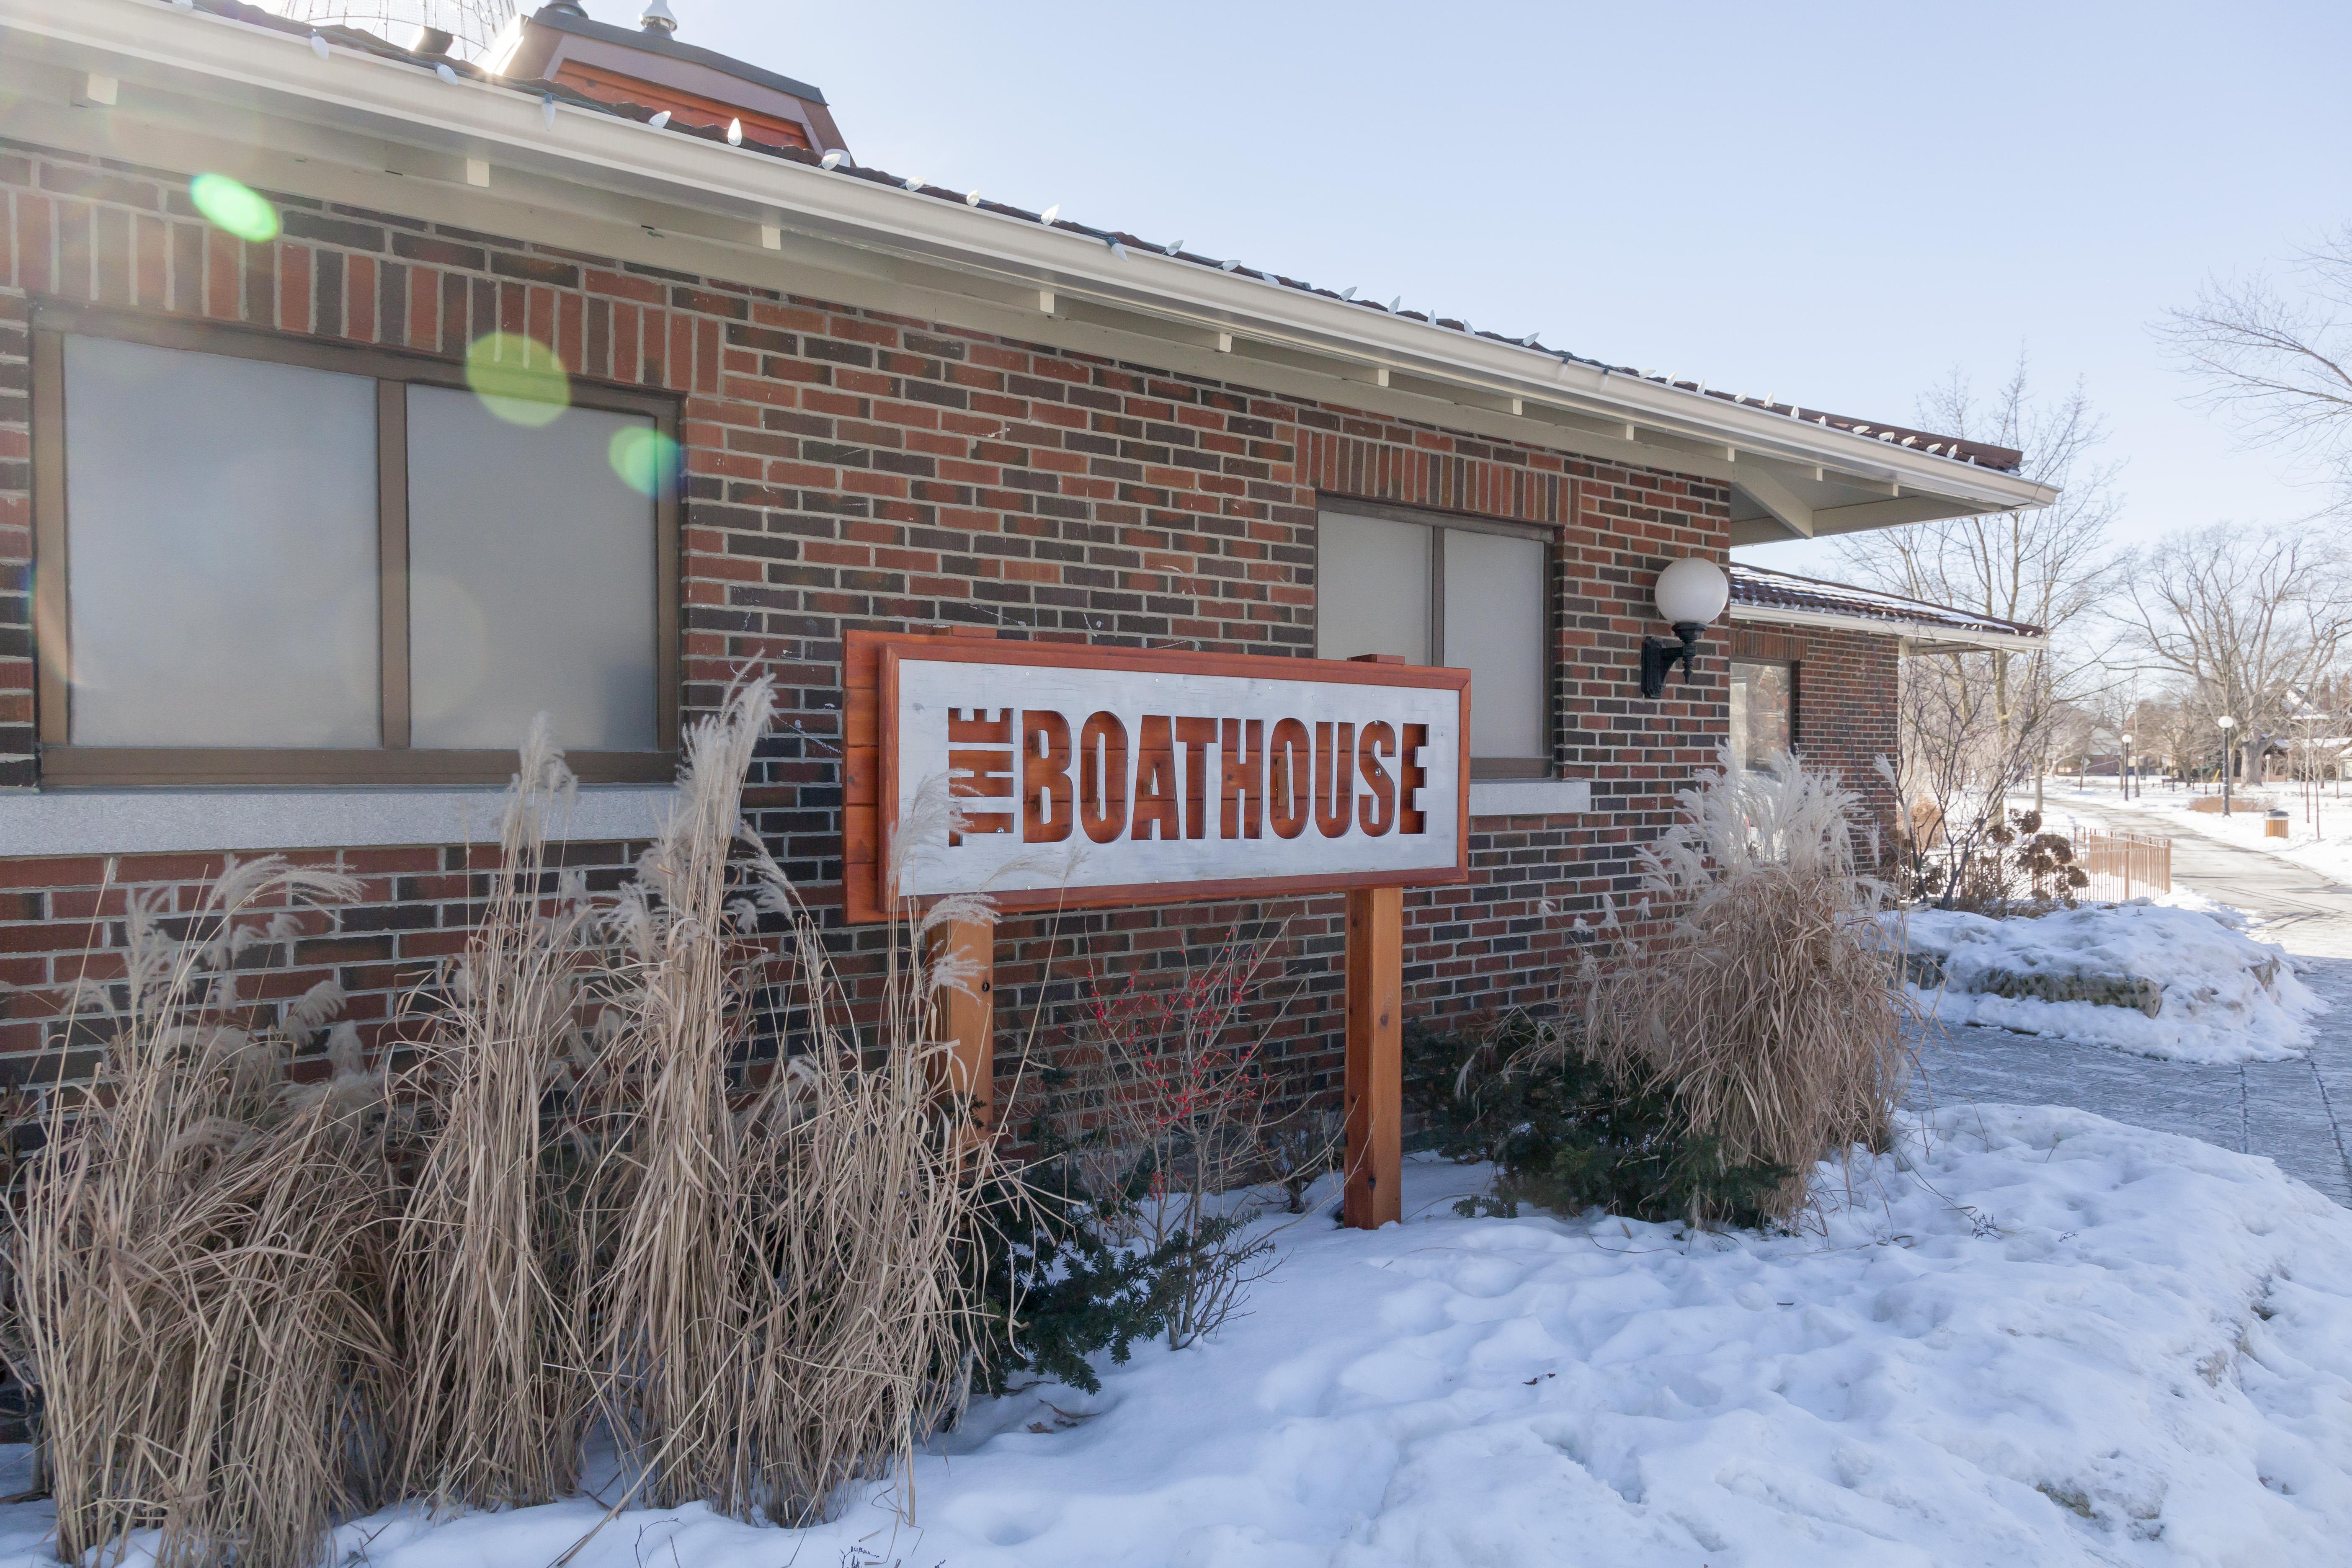 Revitalizing the Boathouse